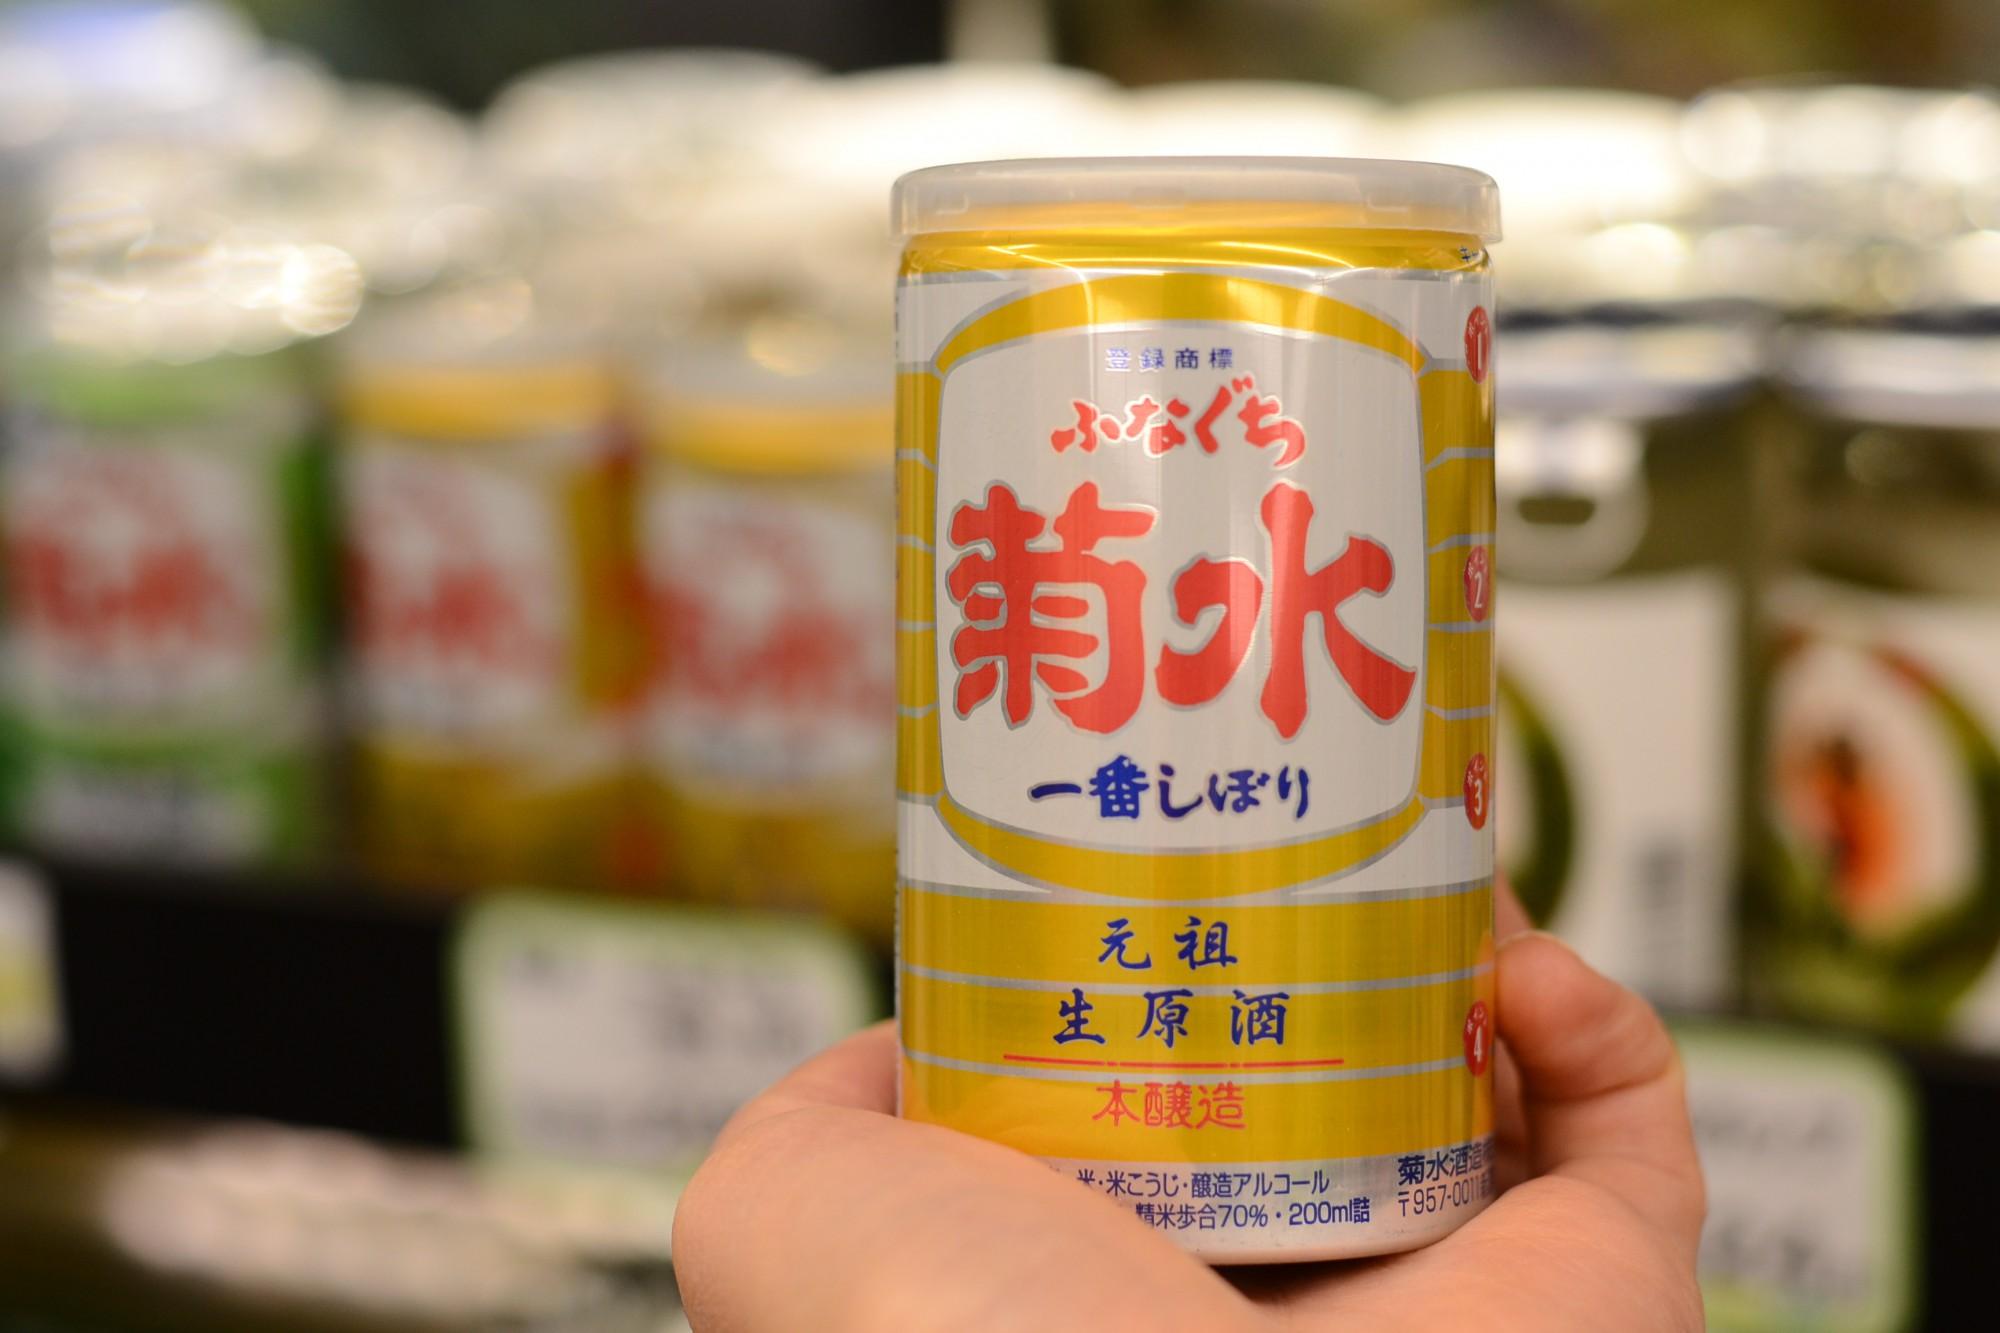 新潟県新発田市にある菊水酒造。季節限定でル・レクチェと酒粕を使ったお酒も販売している。